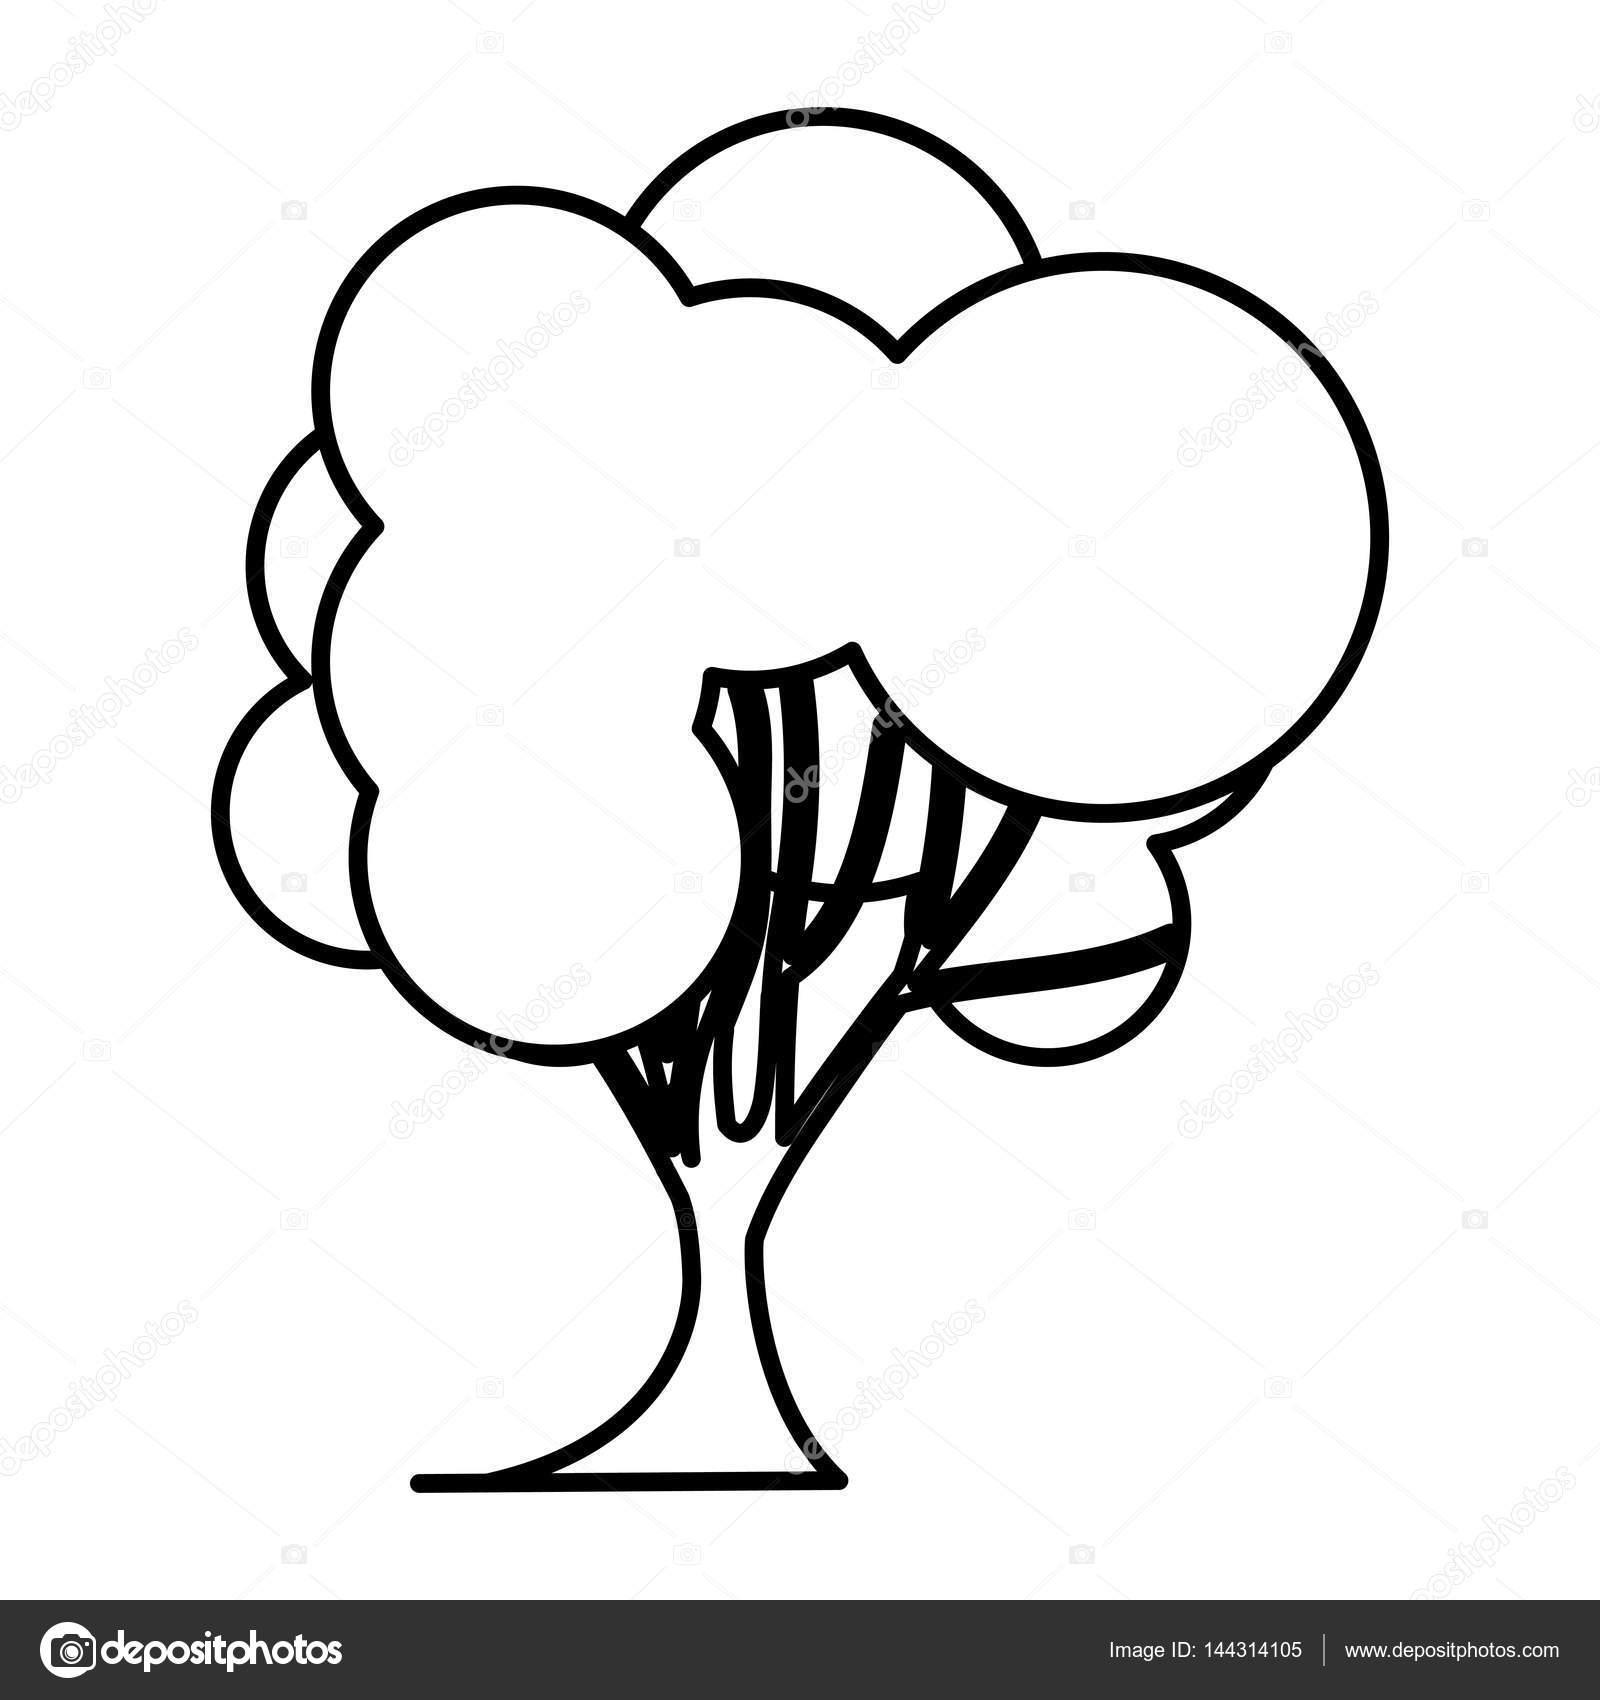 Tronco De Arbol Para Colorear Dibujo Silueta árbol